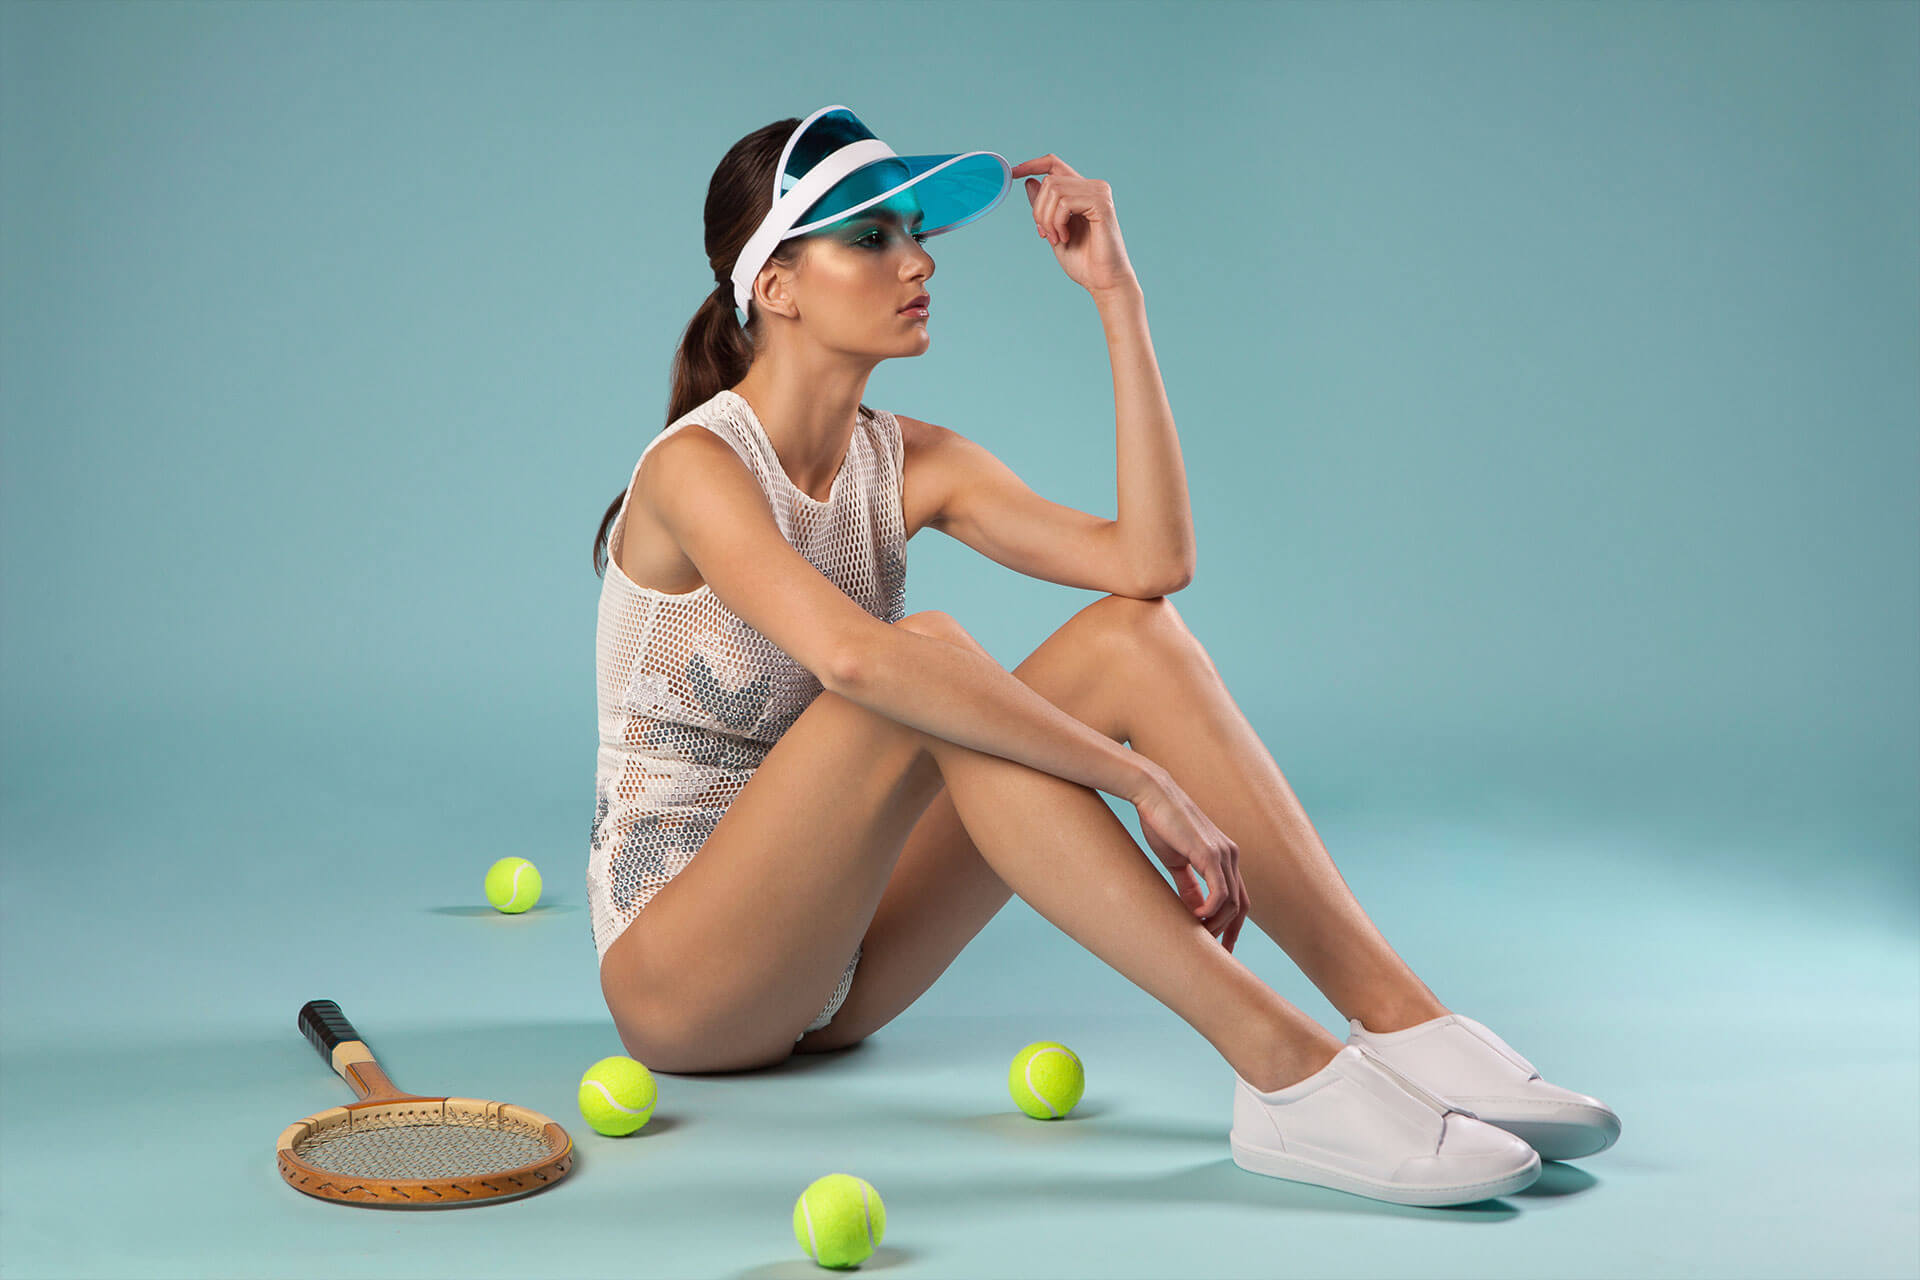 sports_portfolio-3.jpg